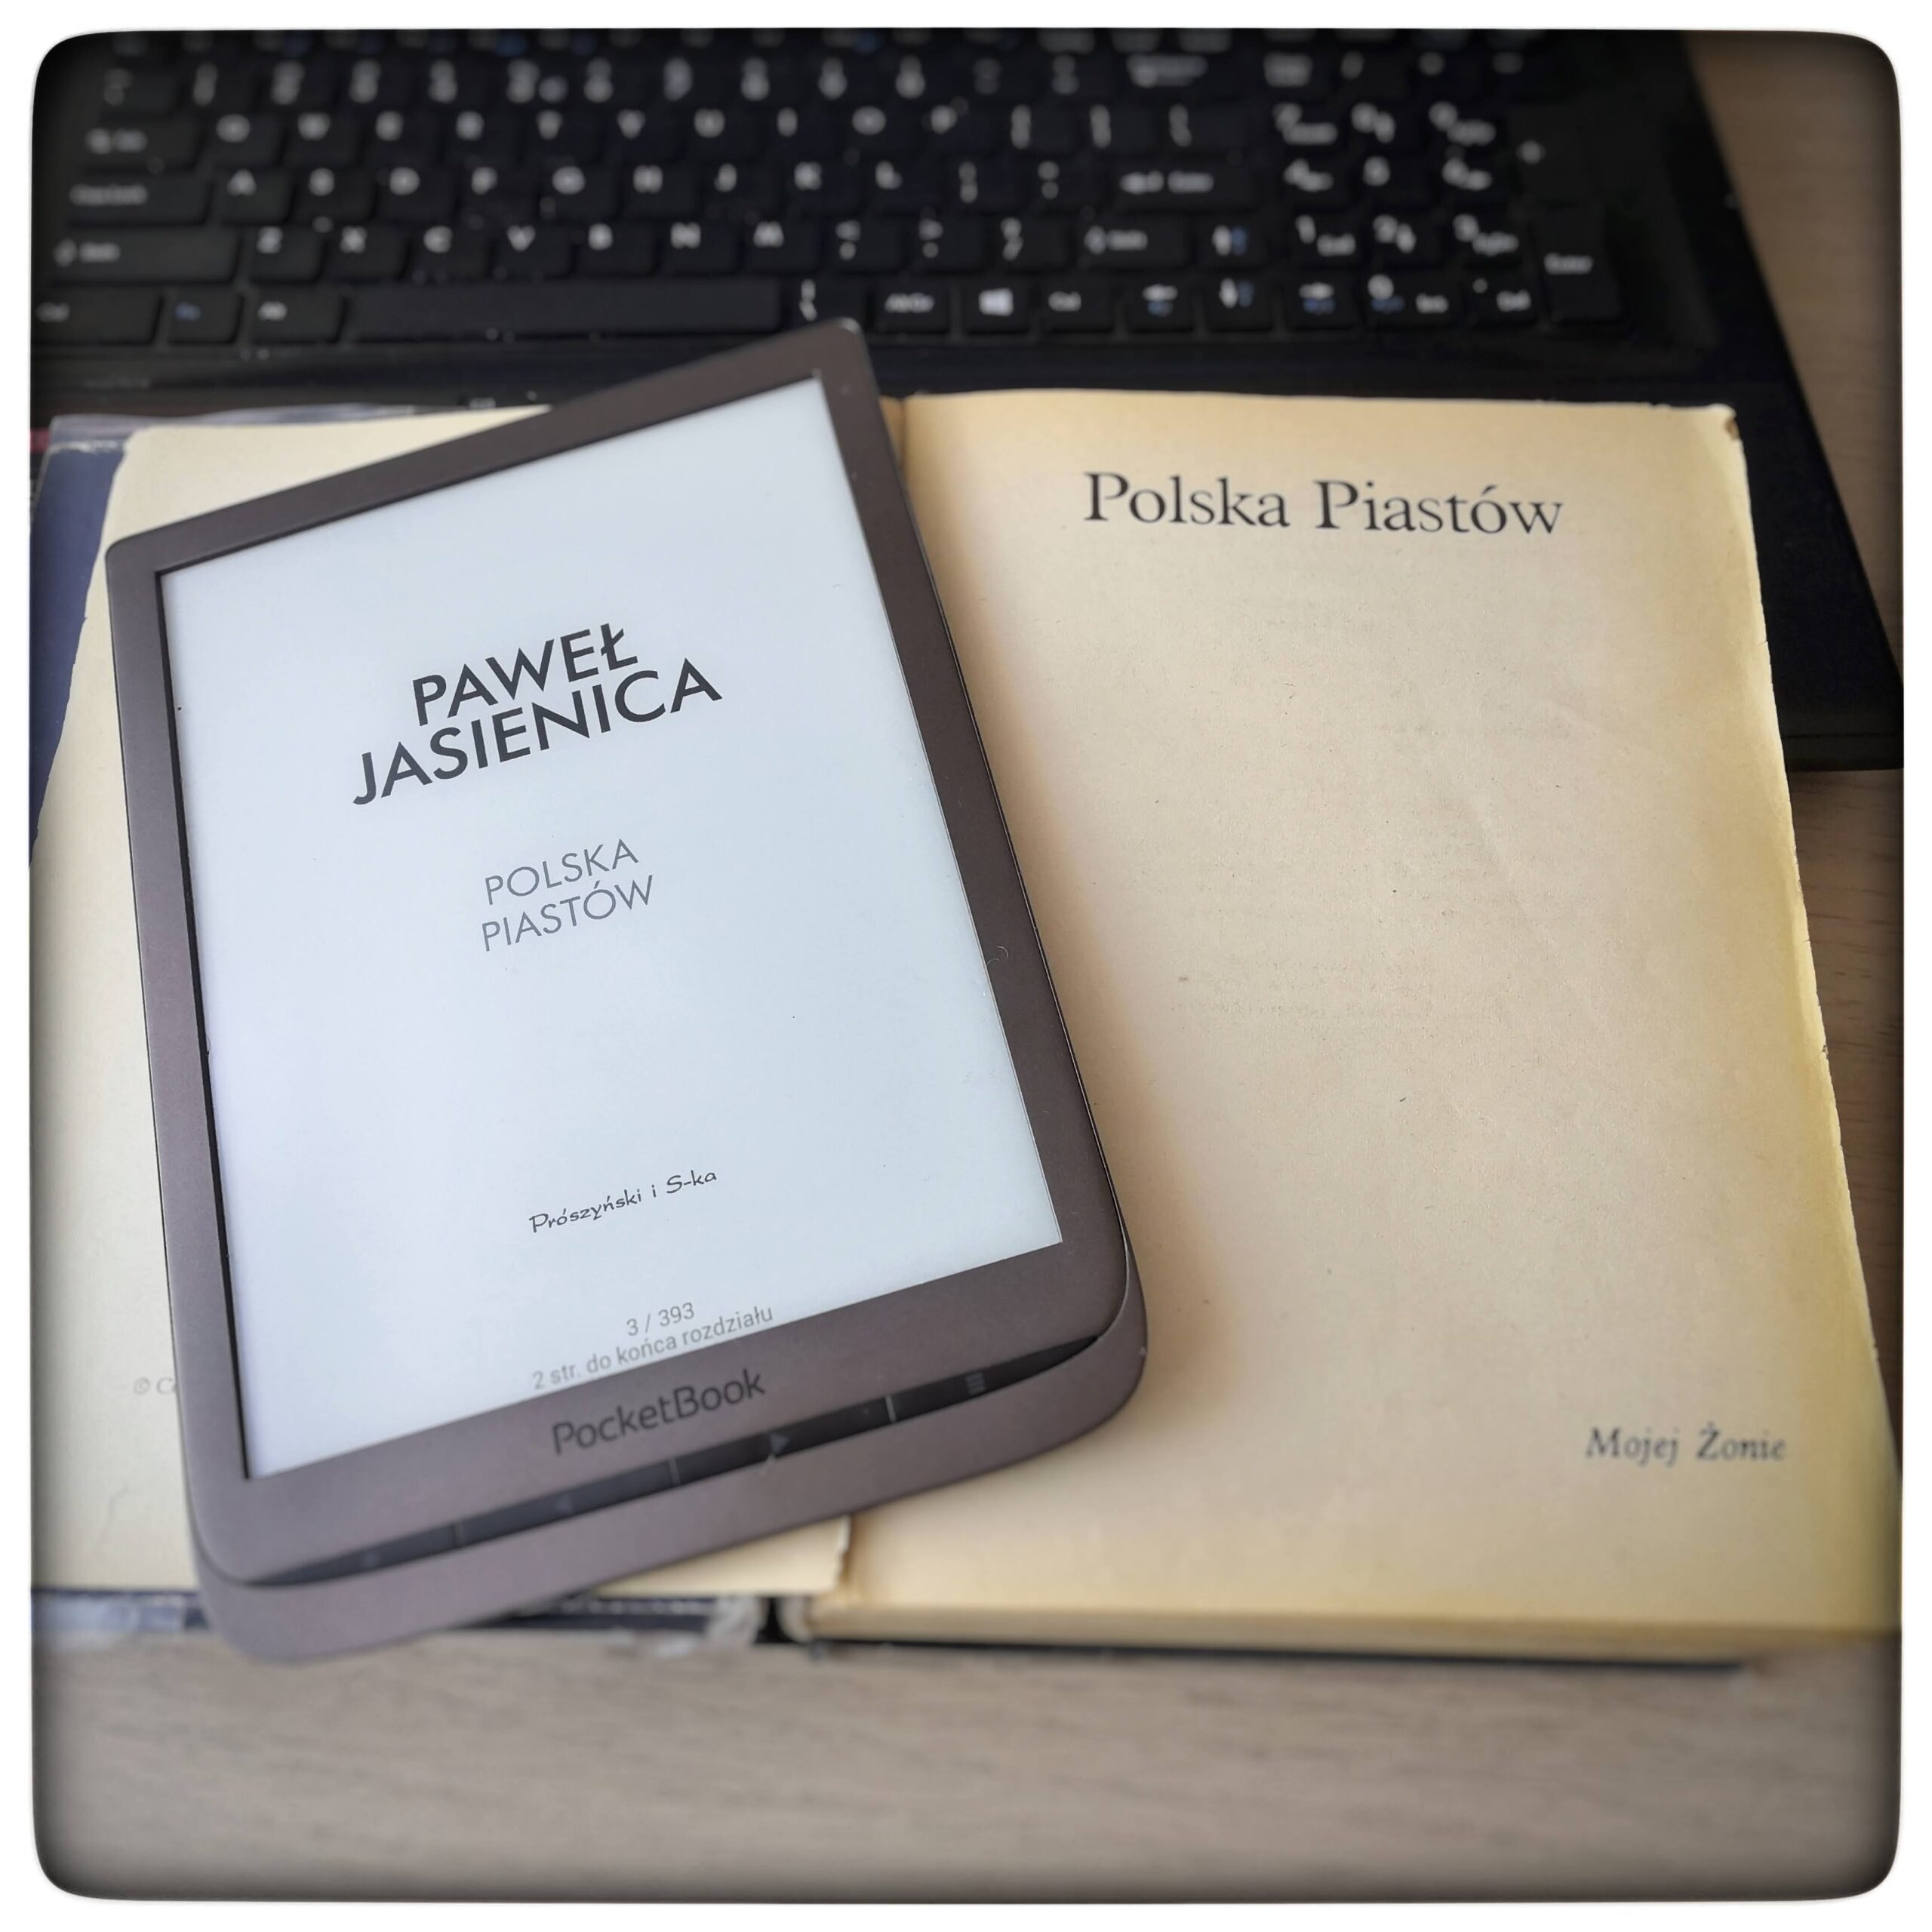 Polska Piastów - Paweł Jasienica - czytoholik